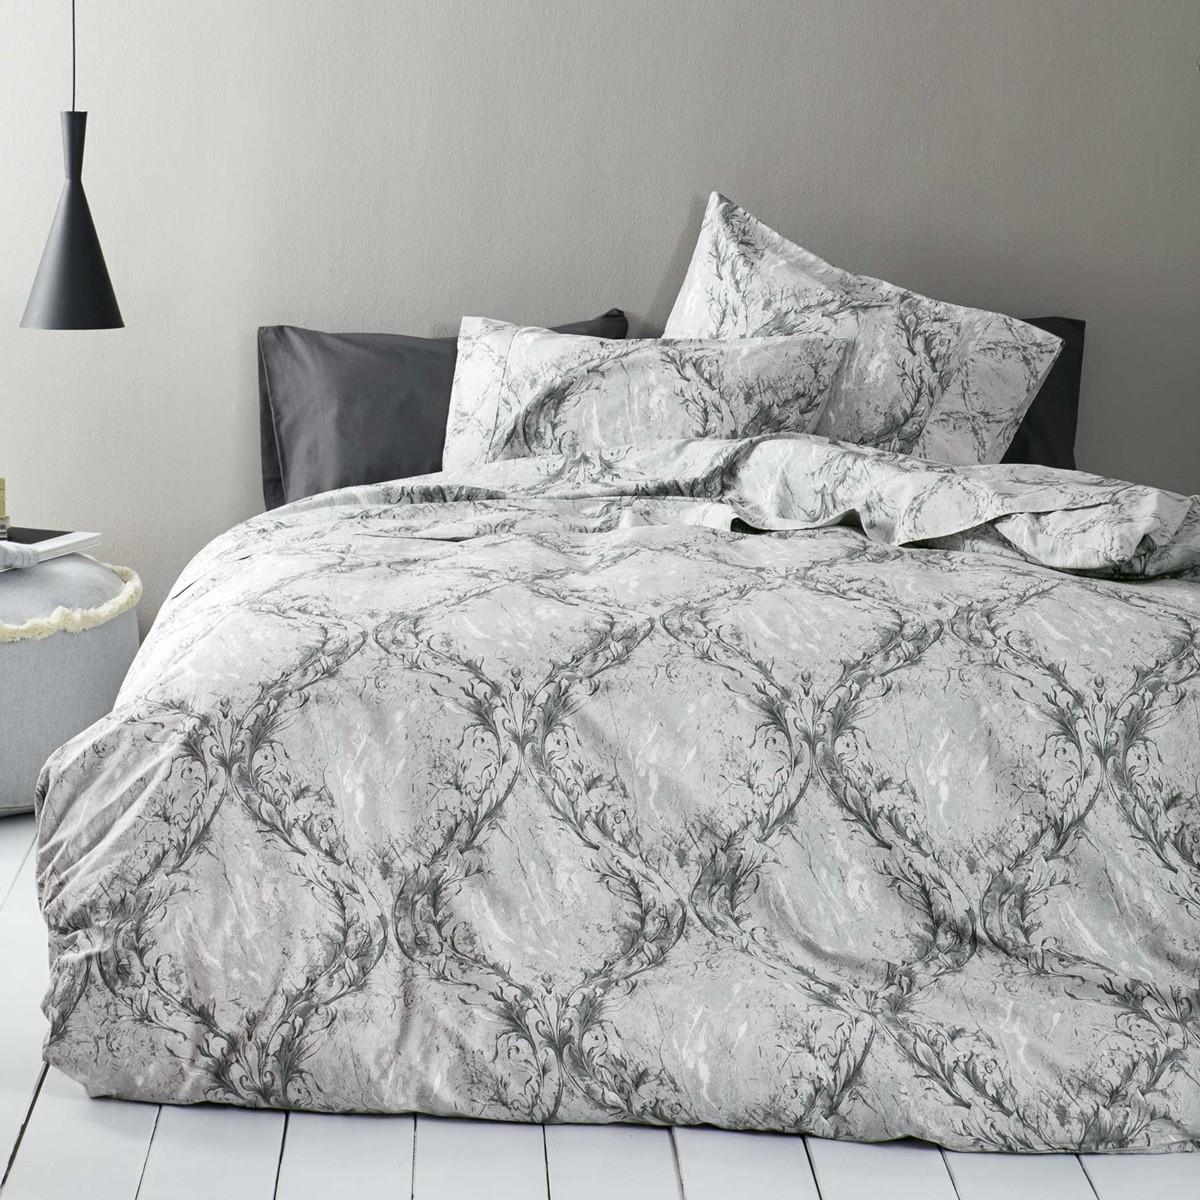 Σεντόνια Υπέρδιπλα (Σετ) Nima Bed Linen Romano Grey